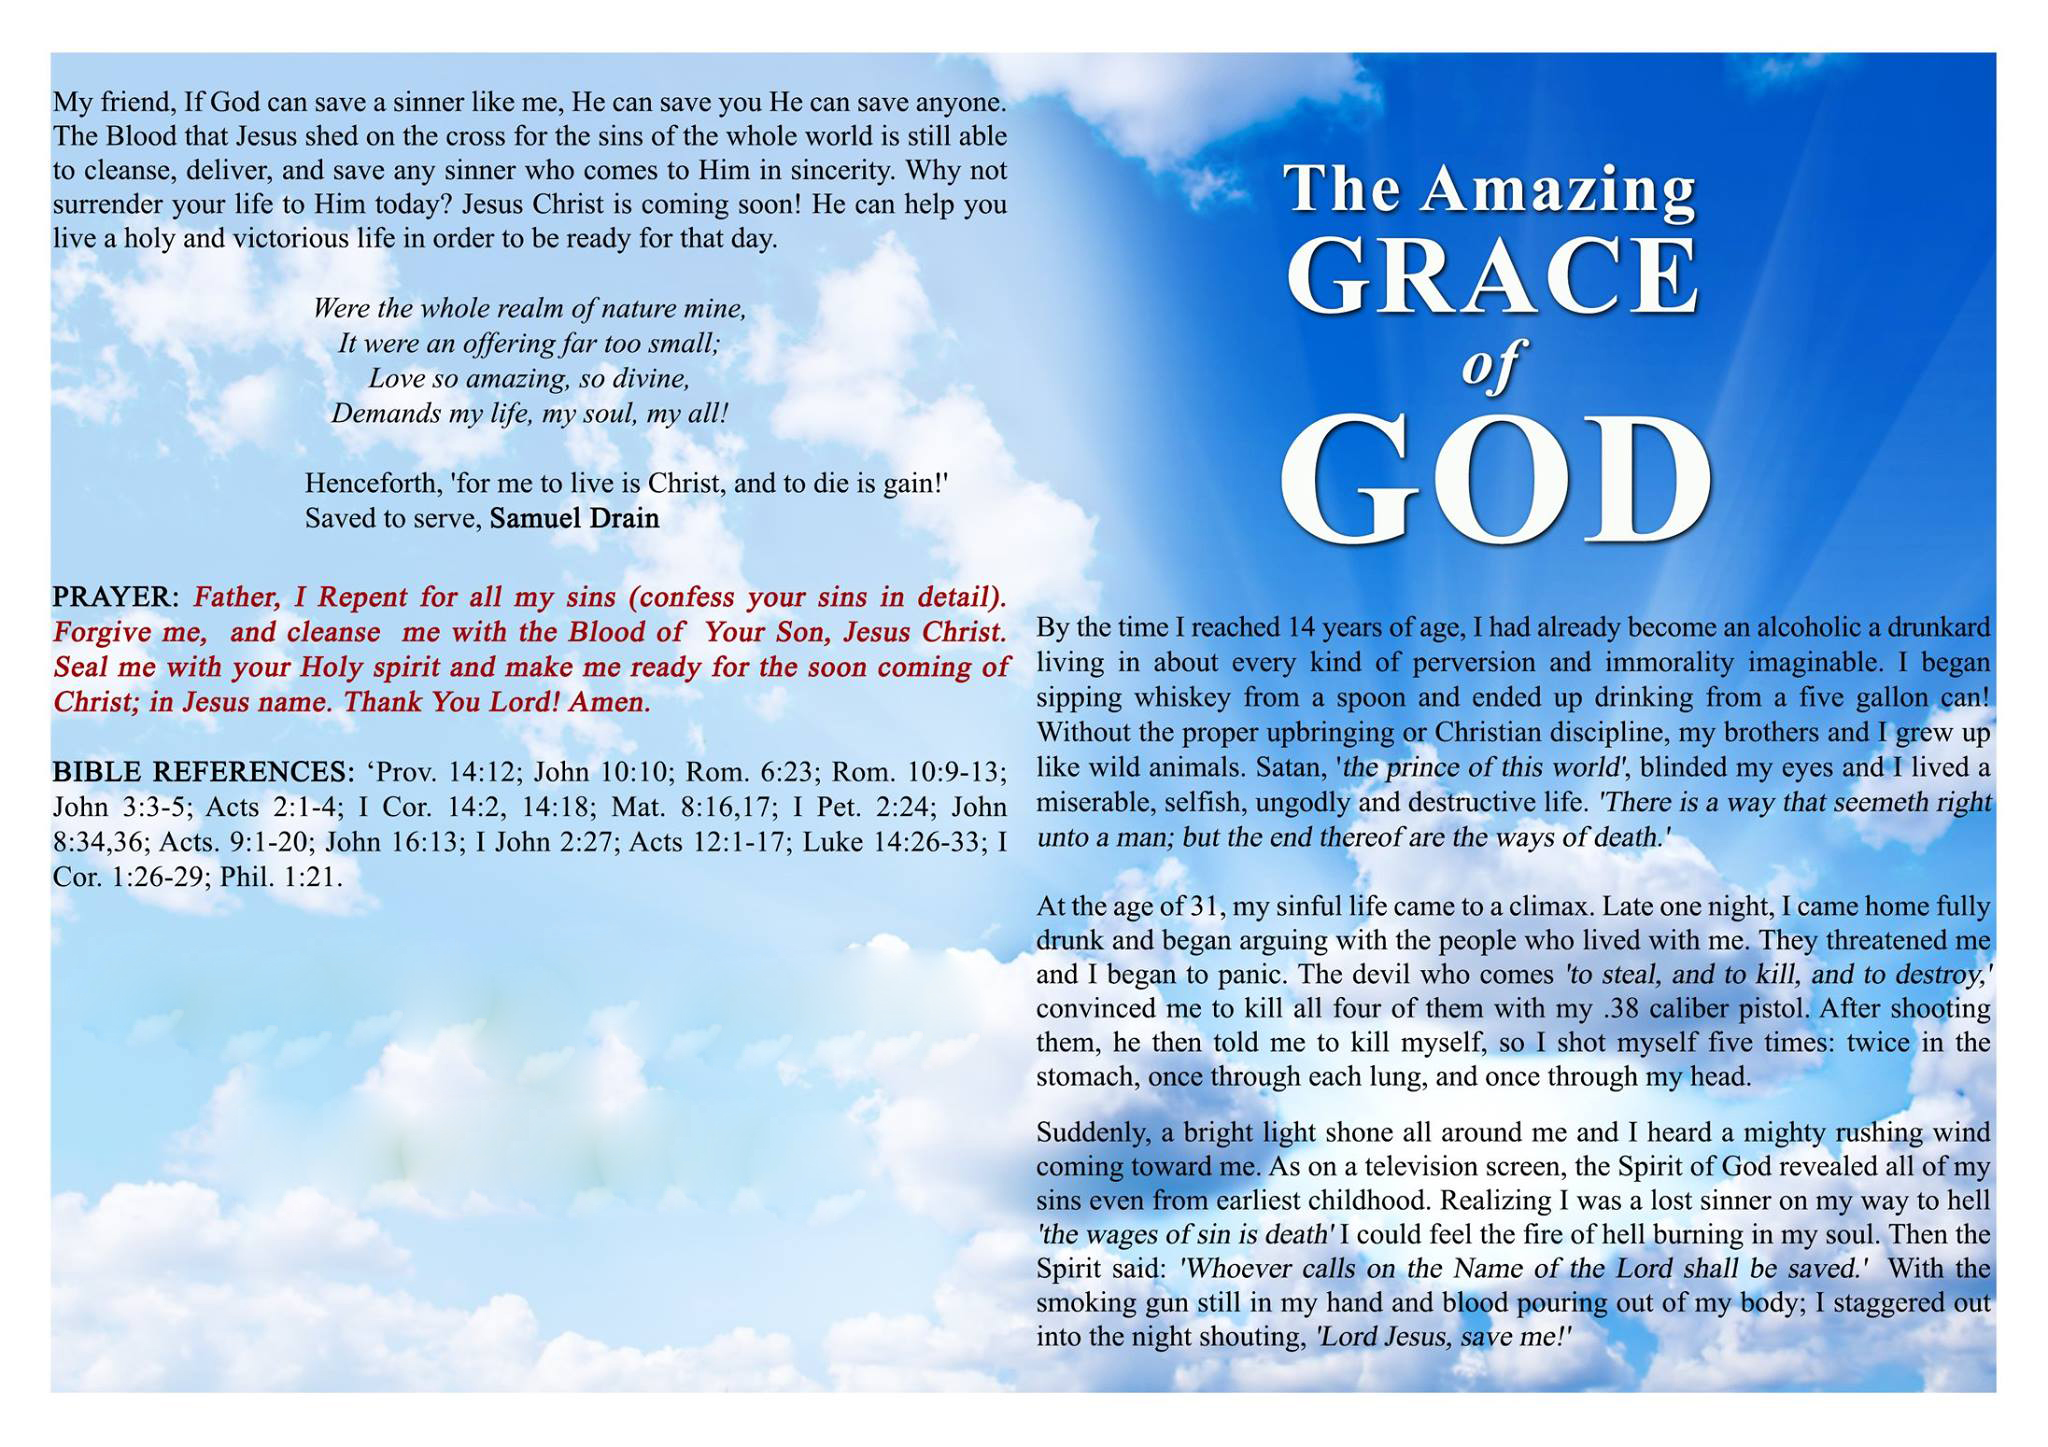 Amazing-grace-of-God1